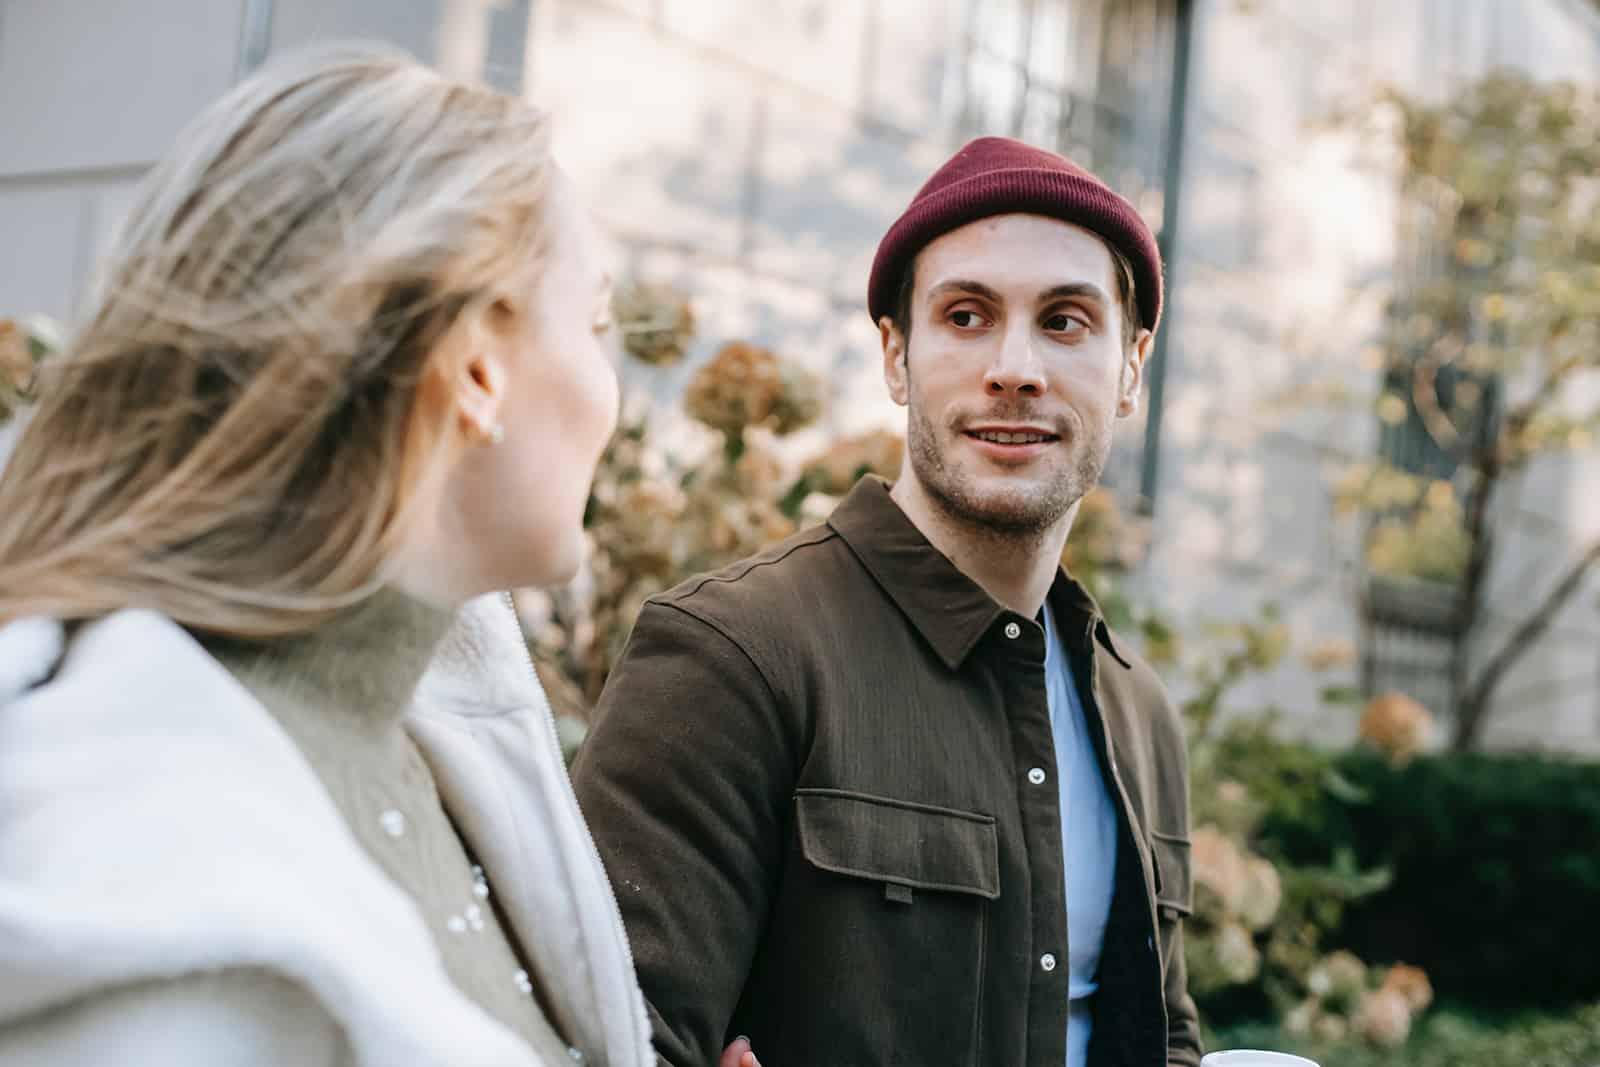 un homme regardant une femme marchant avec lui dans la rue